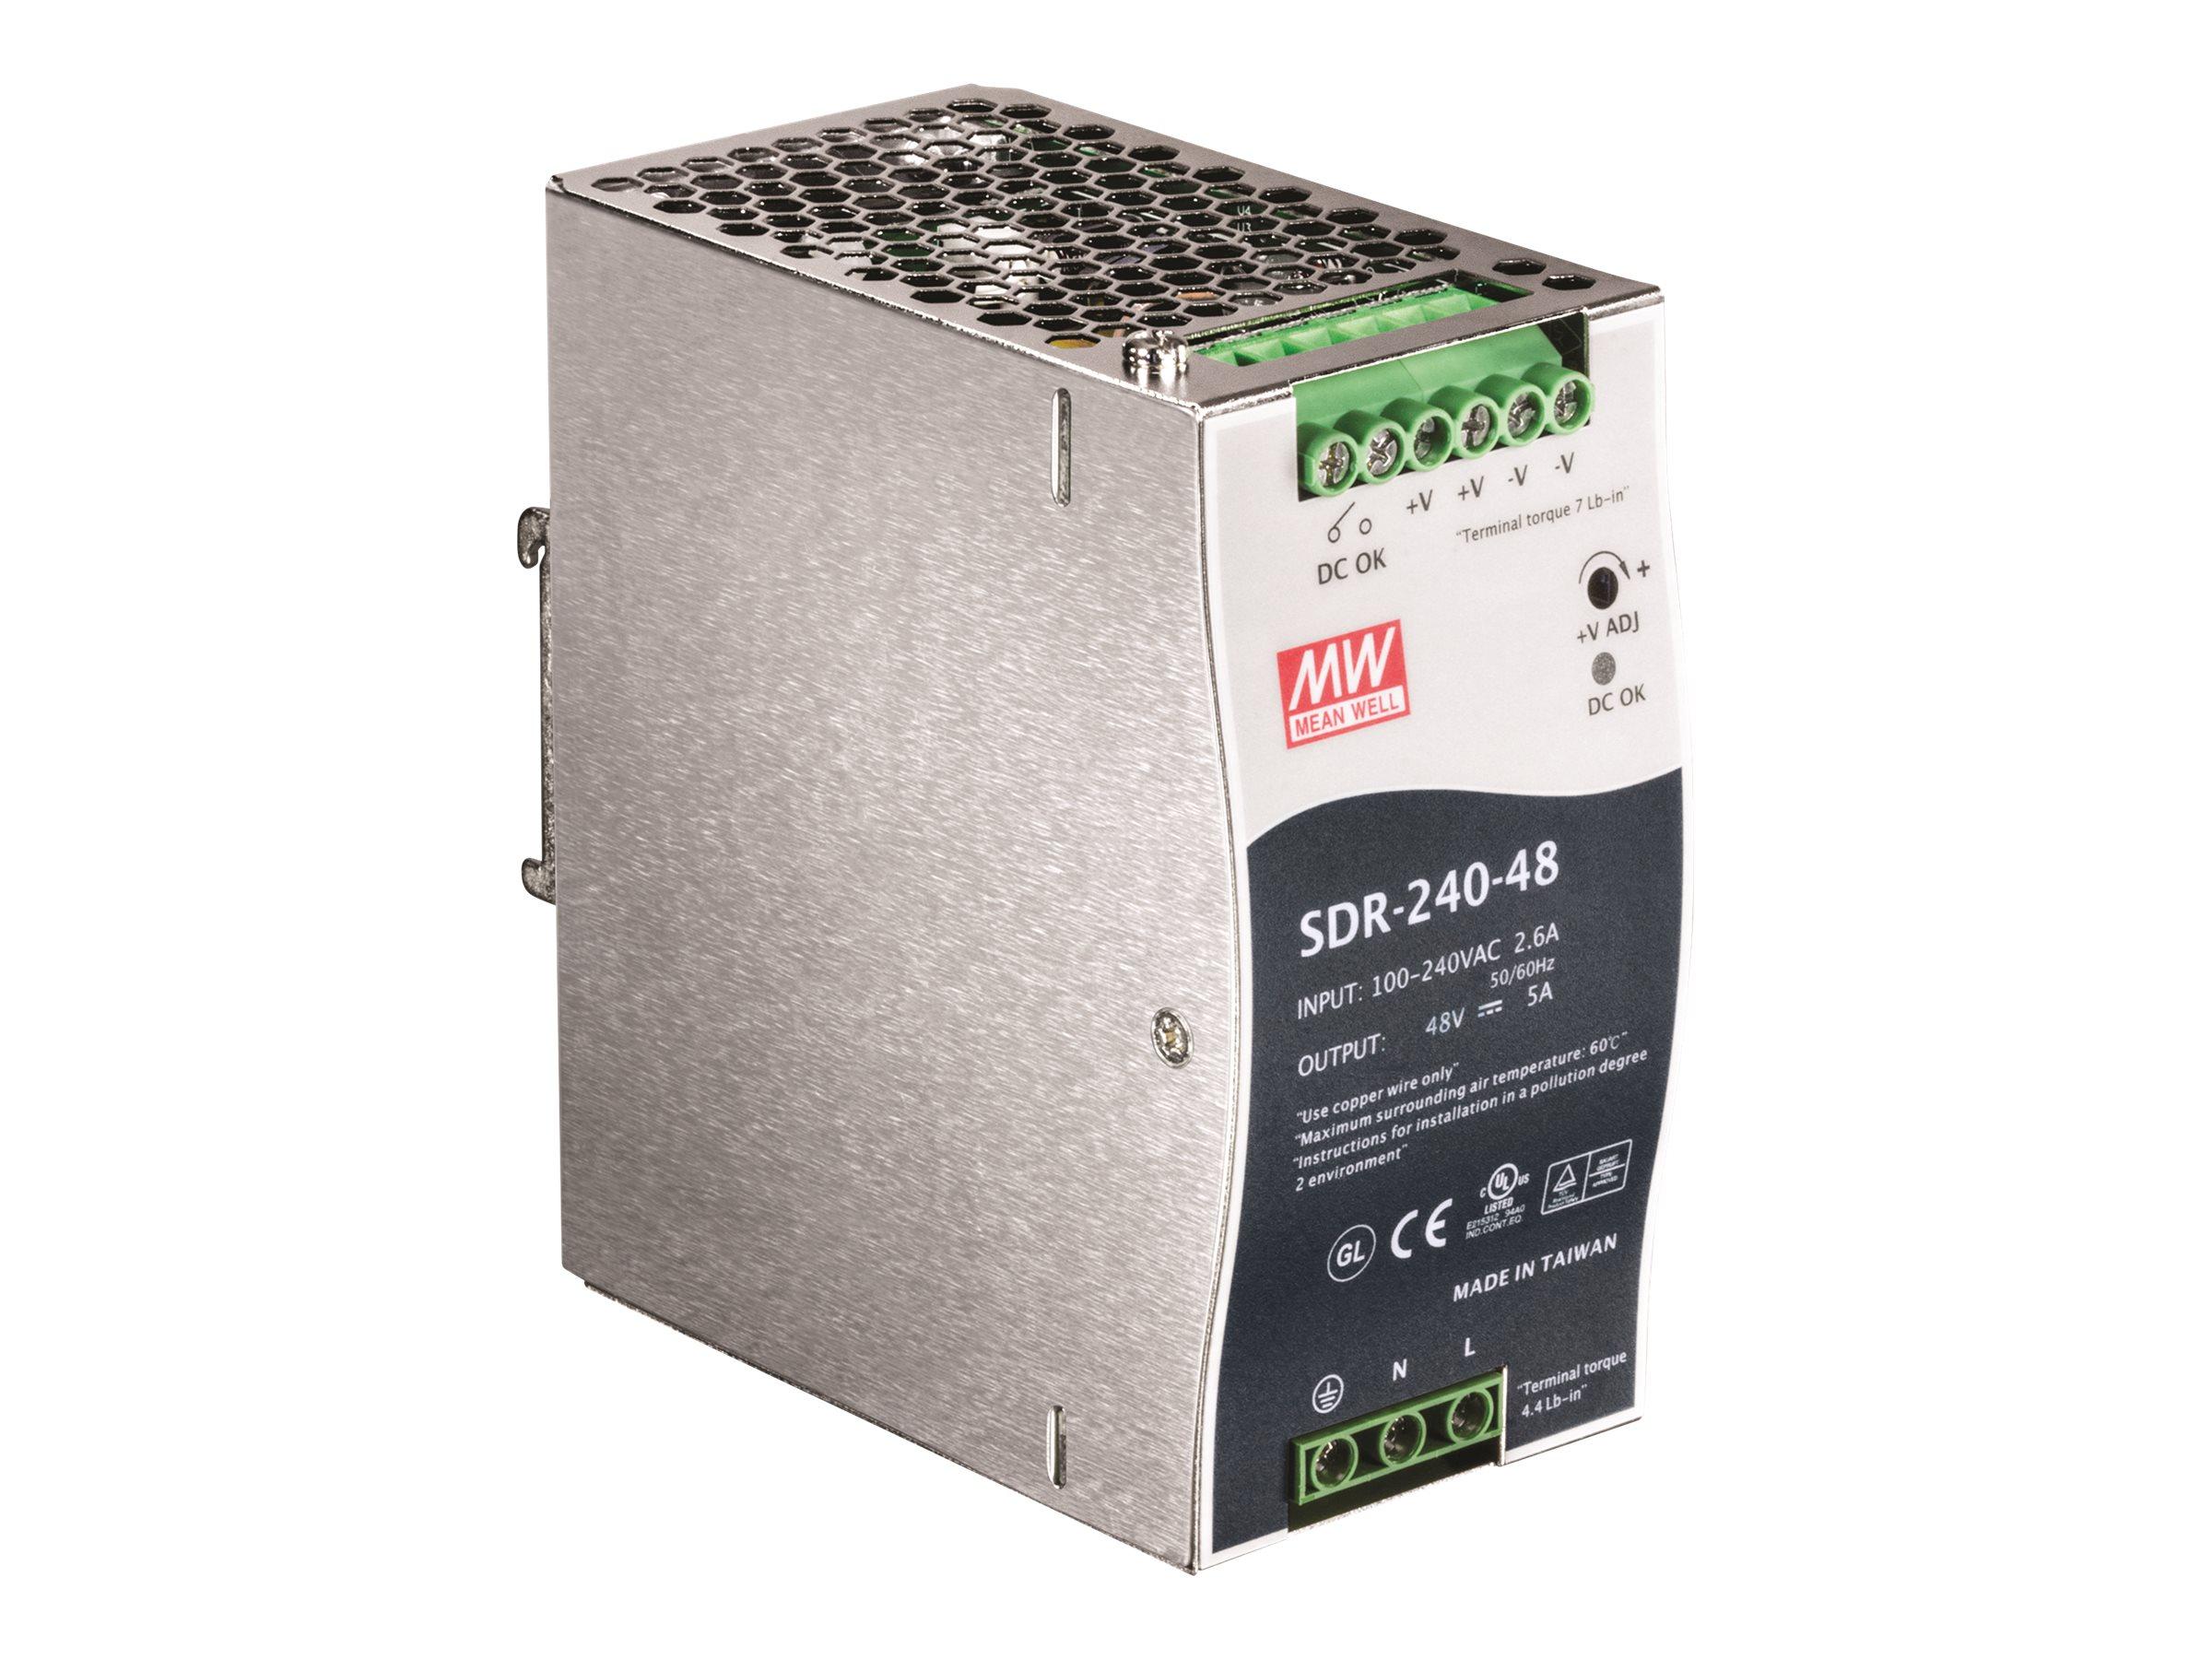 TRENDnet TI-S24048 - Stromversorgung (DIN-Schienenmontage m?glich)